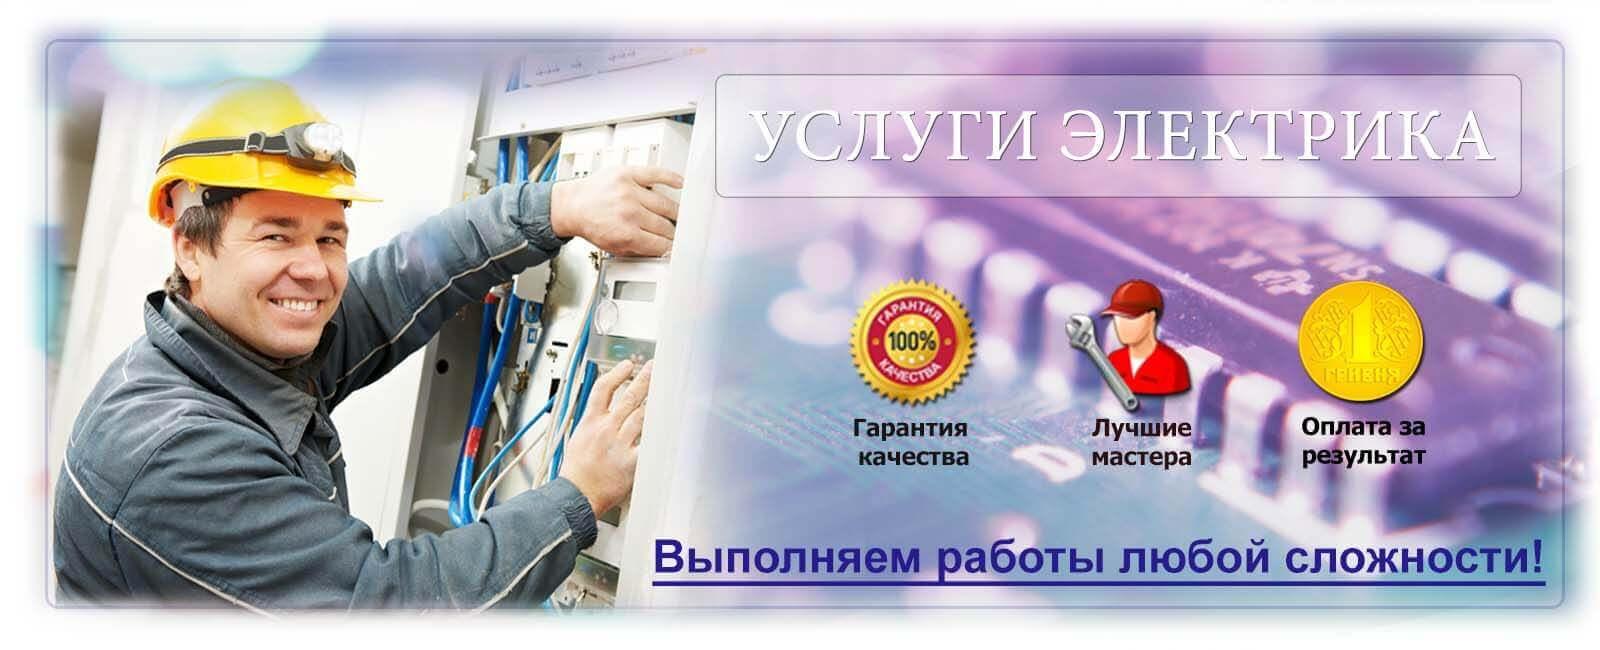 Услуги электрика киев